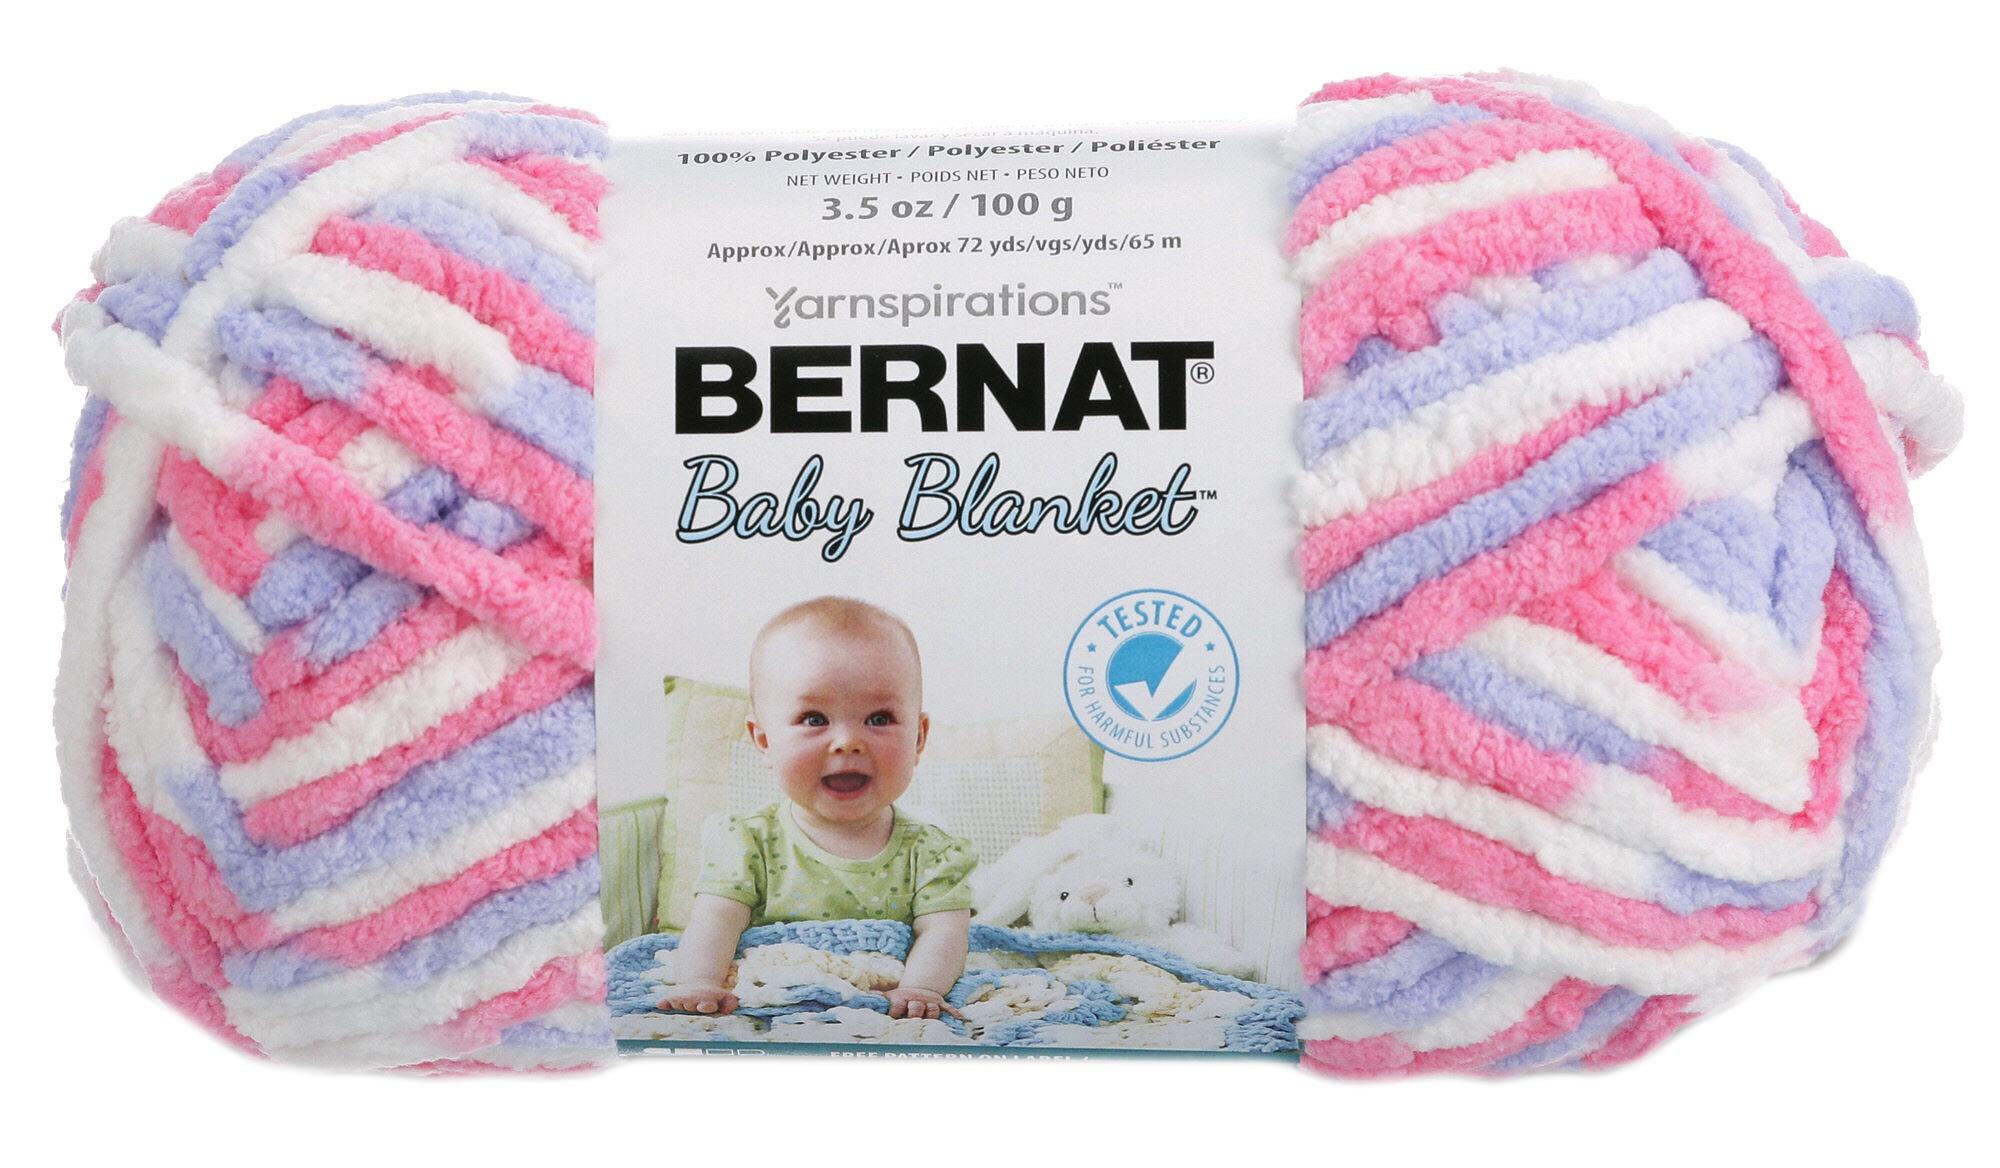 161103-3305 Bernat Baby Blanket Yarn-Pink /& Blue Ombre